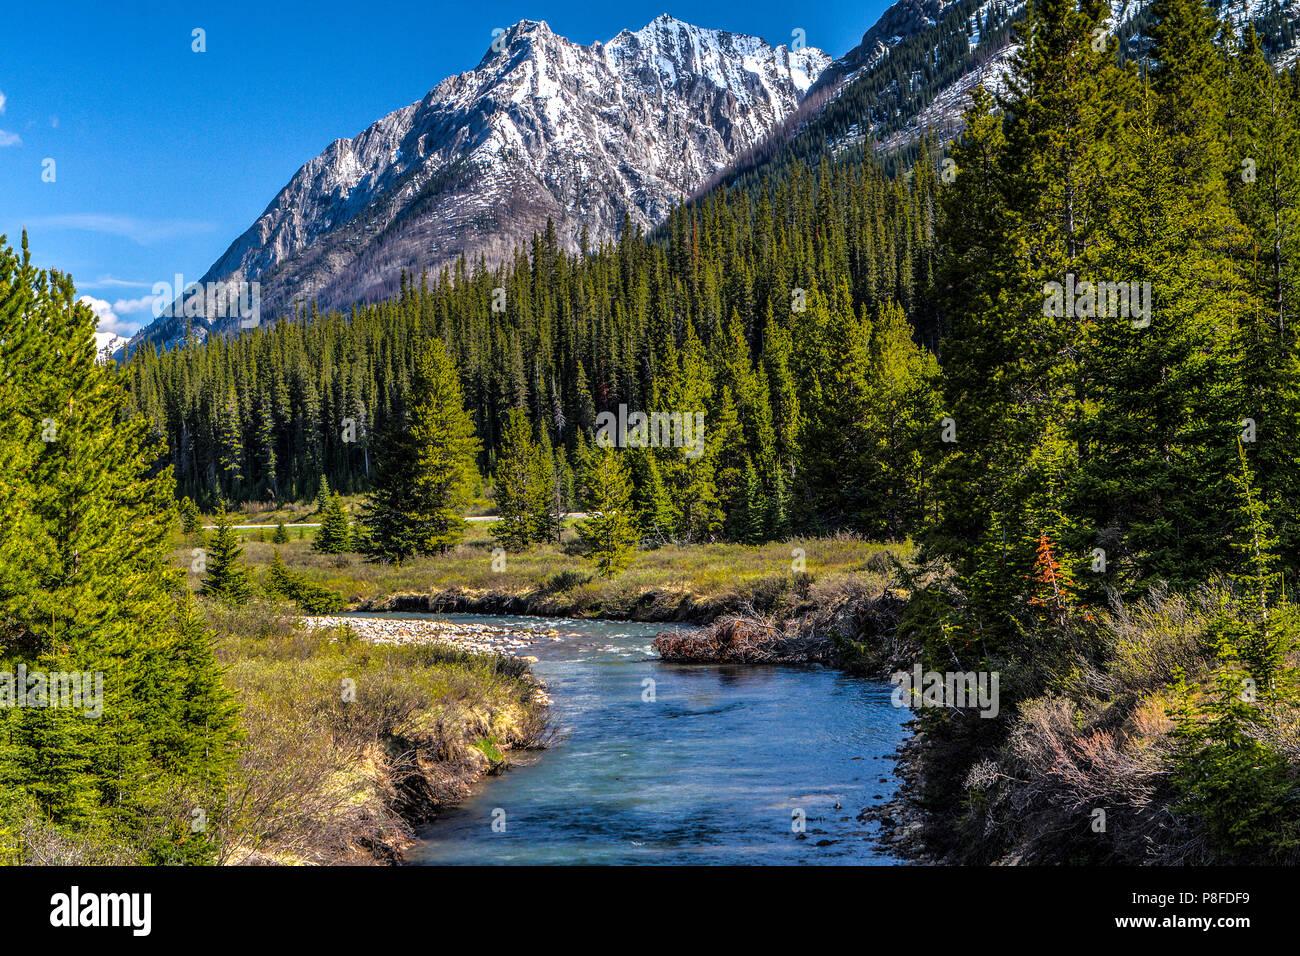 De Flores En La Montana: Su Escena De Montaña Río Flores Hacia La Cámara Y Las